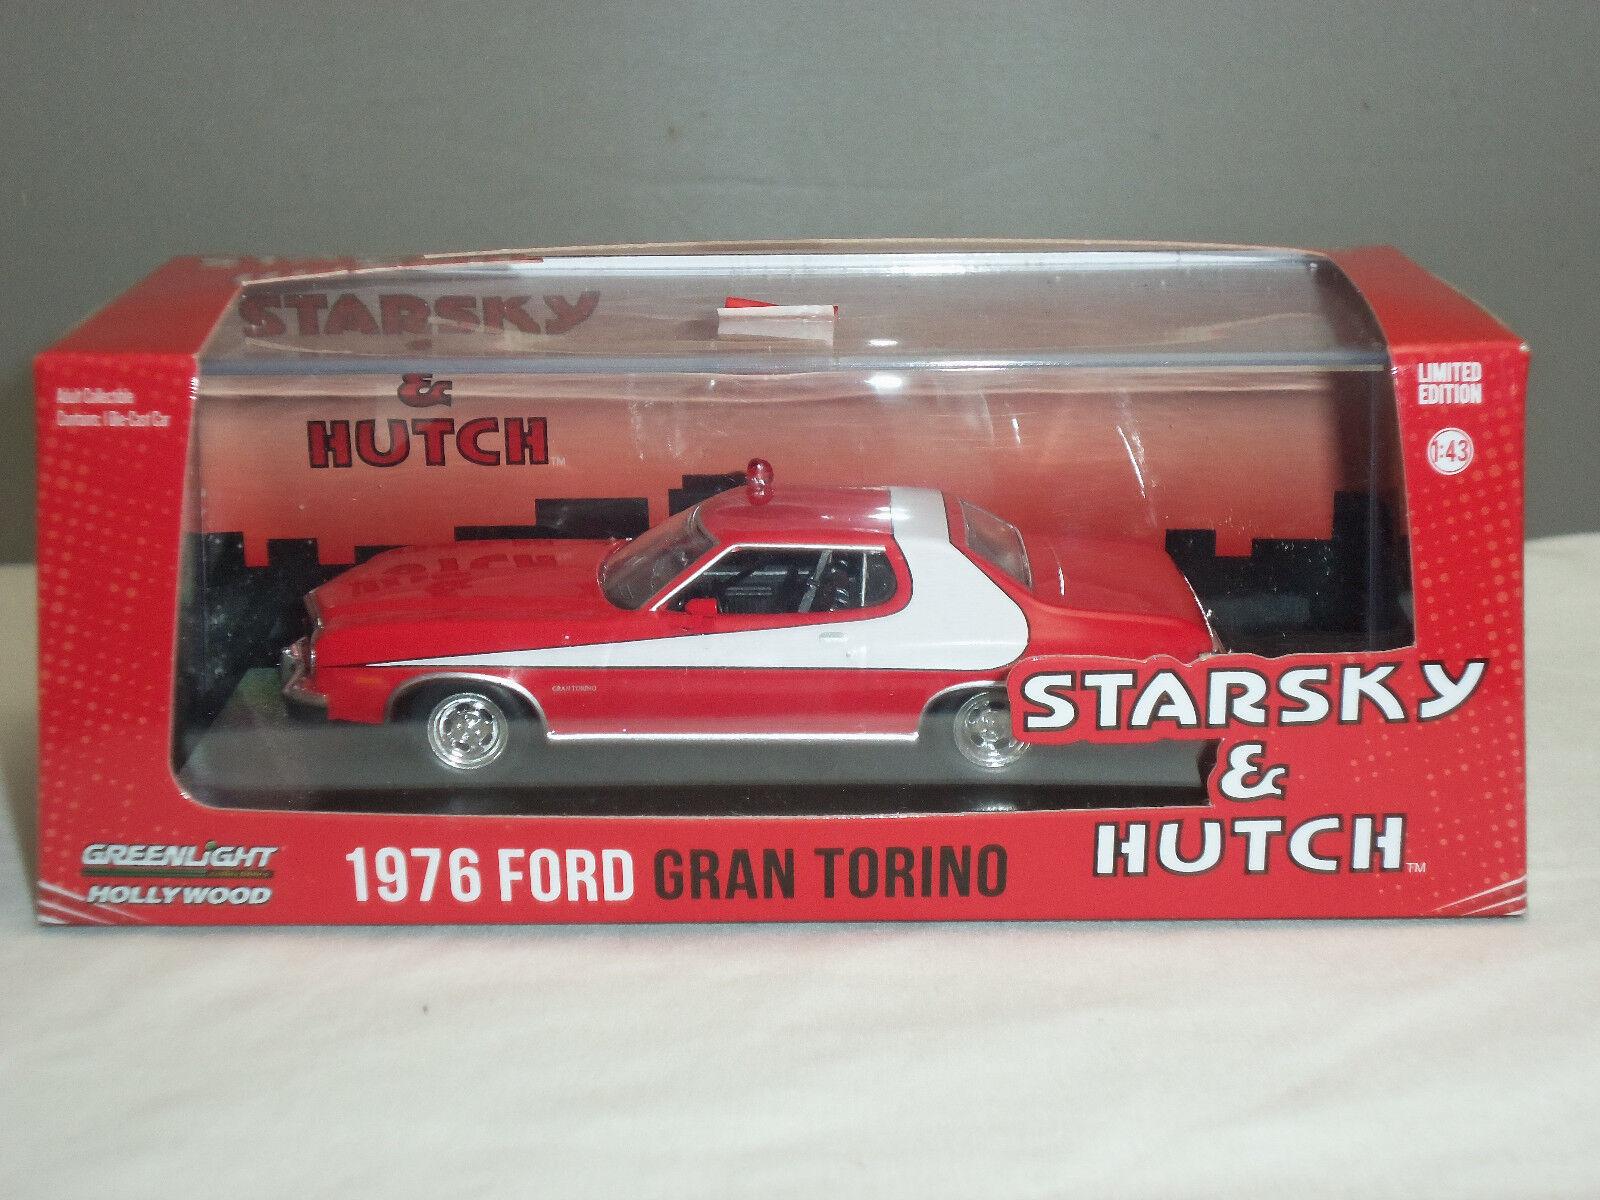 Grünlight 86442 starsky und hutch roten ford gran torino ein diecast modell - auto